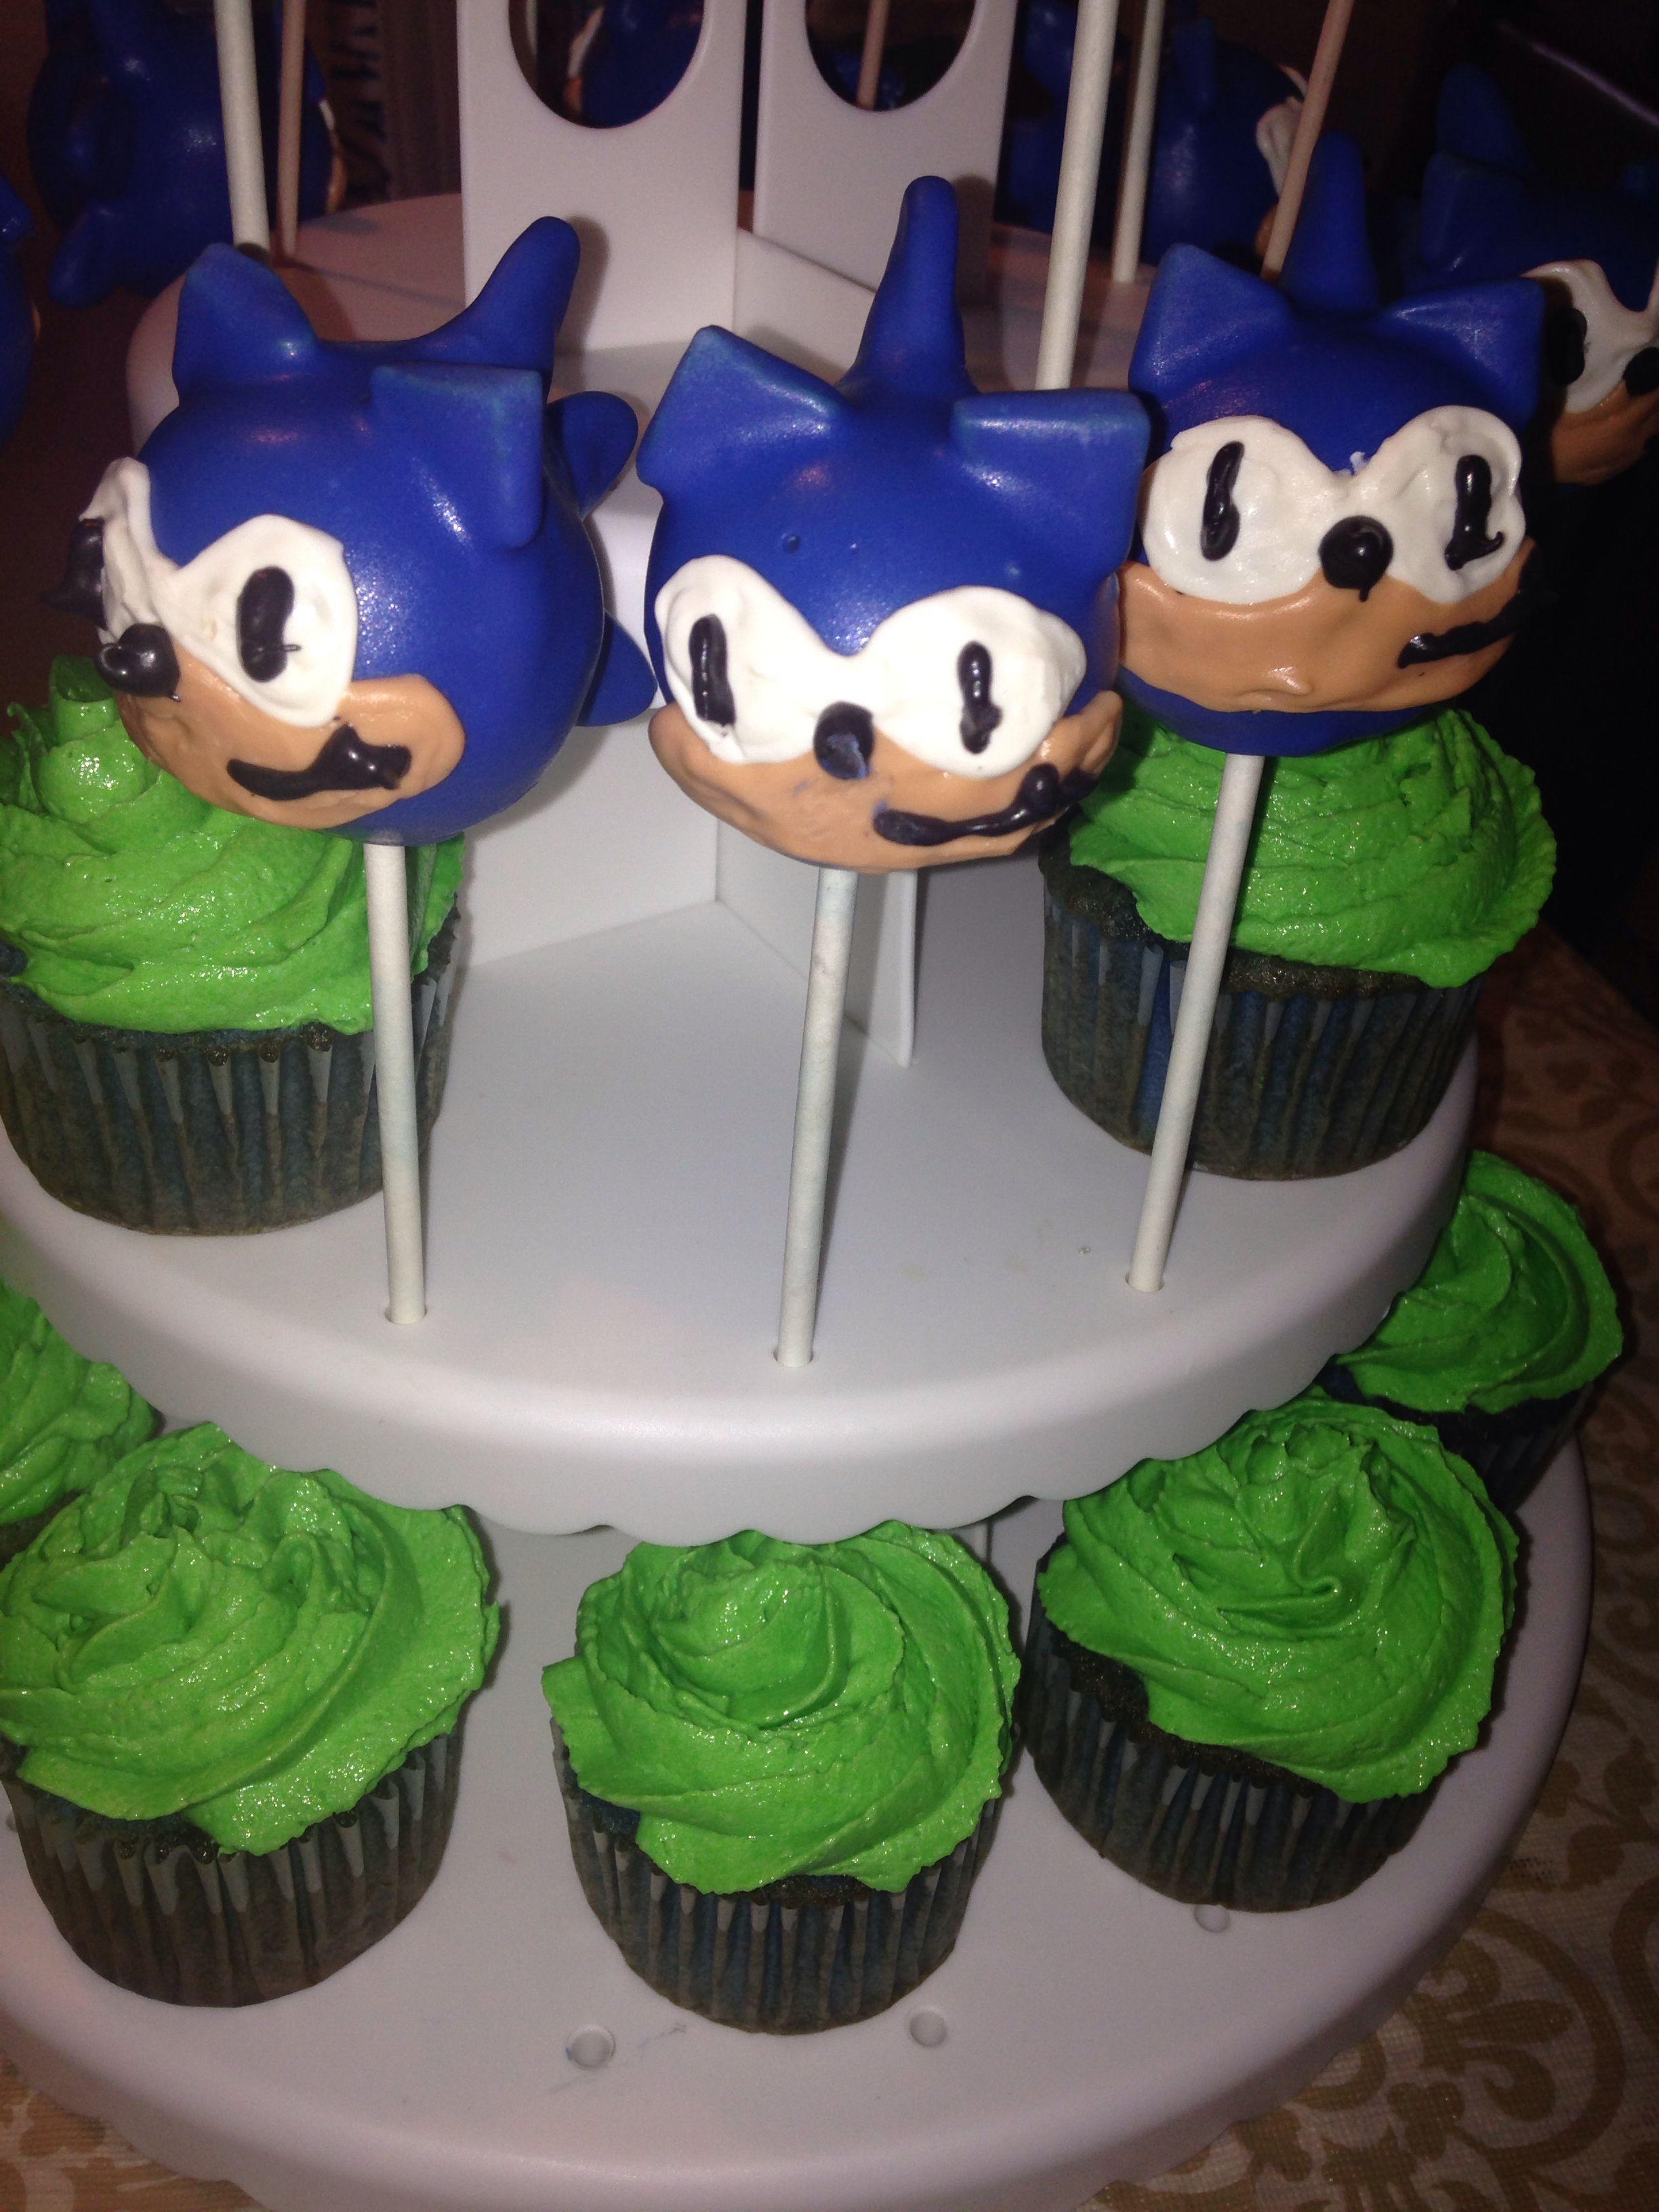 Sonic The Hedgehog Cake Pops Cakepops Sonic Kidsthemedcakepops Sonic The Hedgehog Cake Hedgehog Cake Sonic Birthday